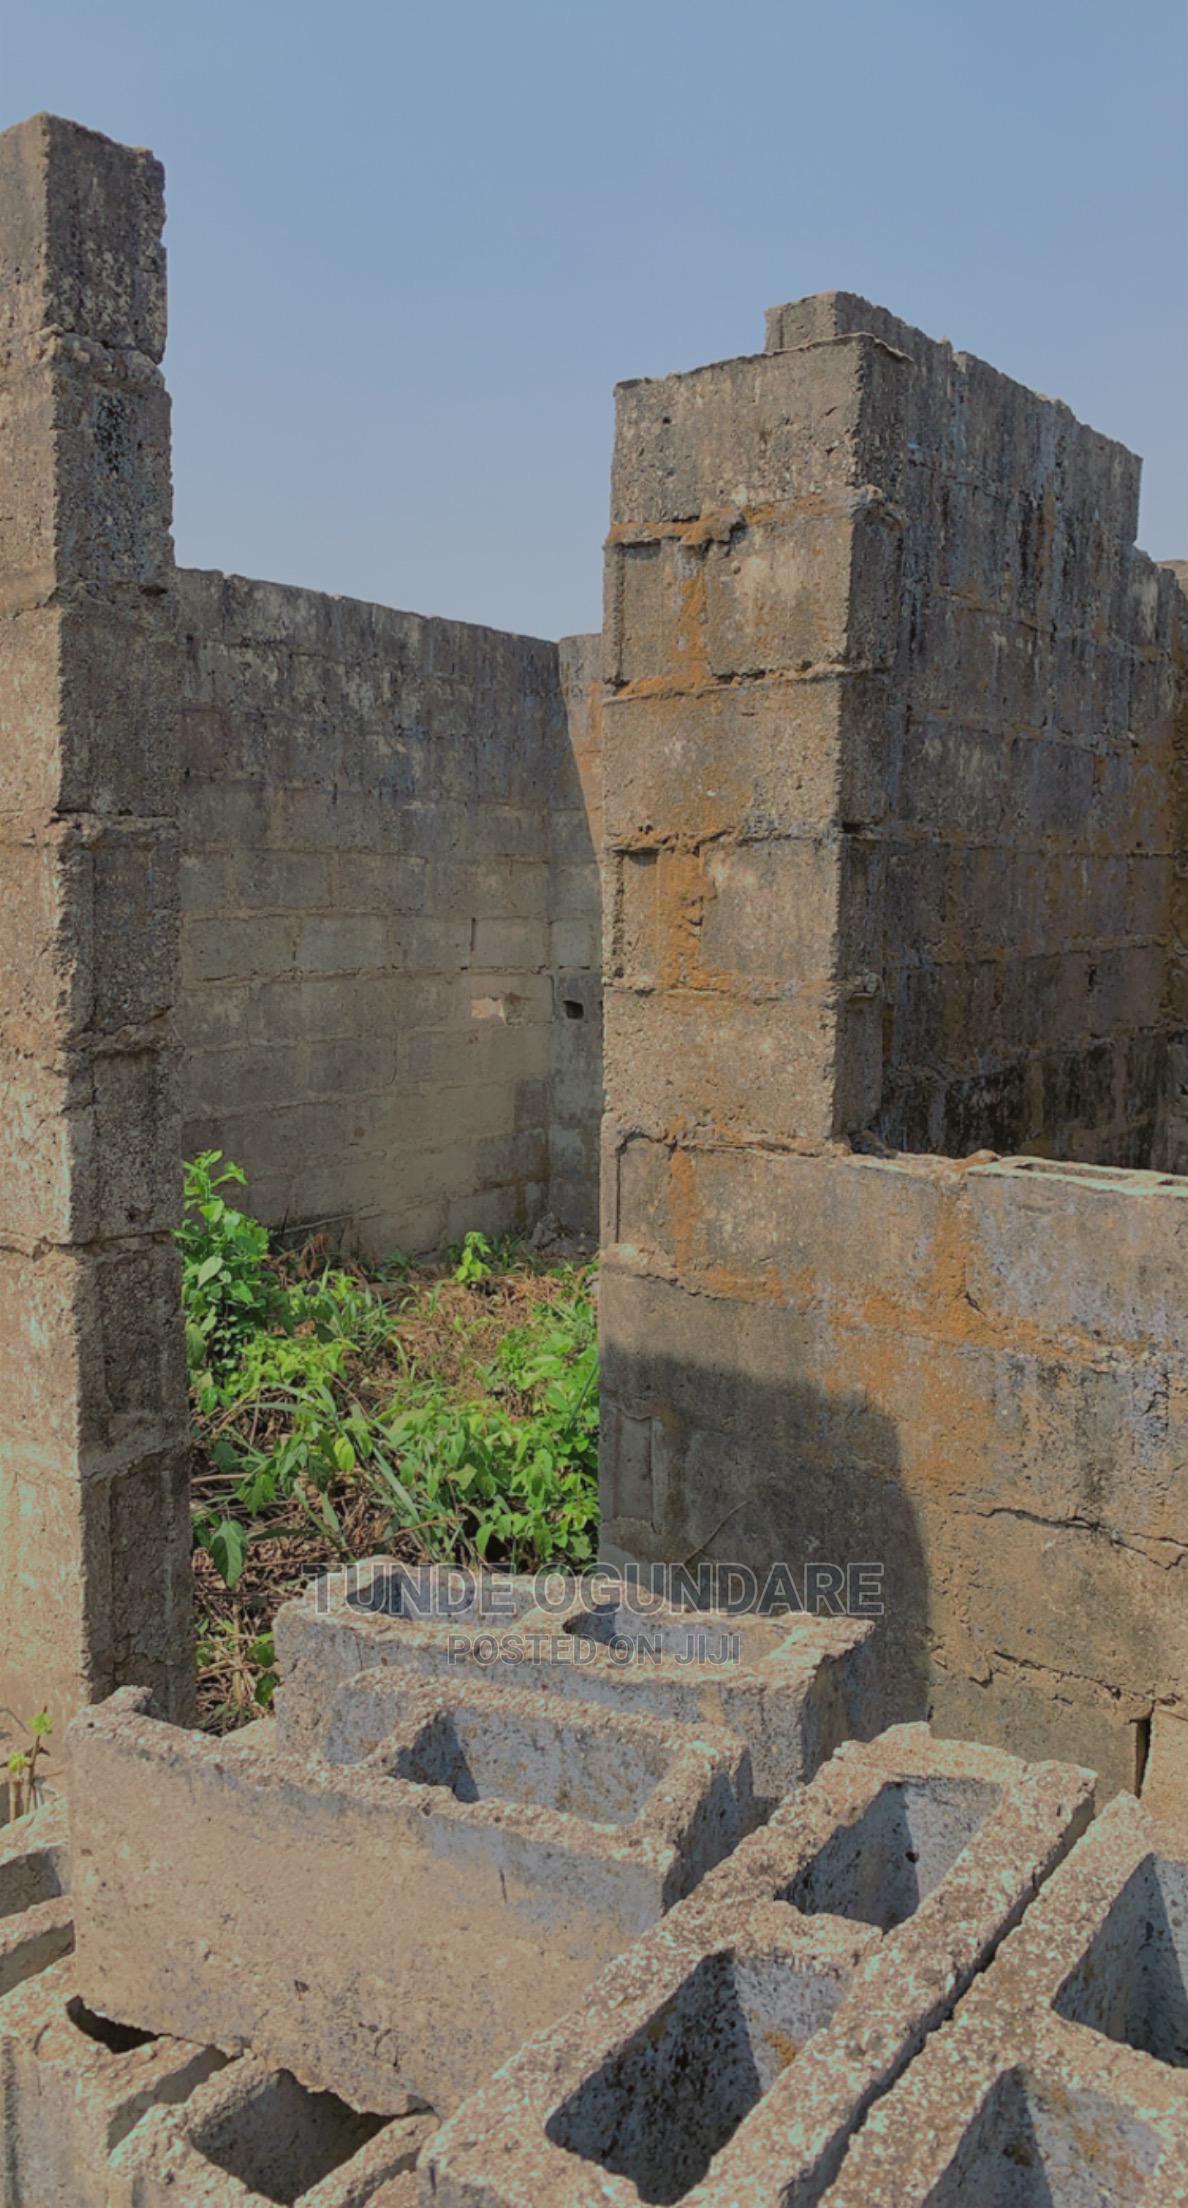 7bdrm Block of Flats in Ogijo, Ikorodu for sale